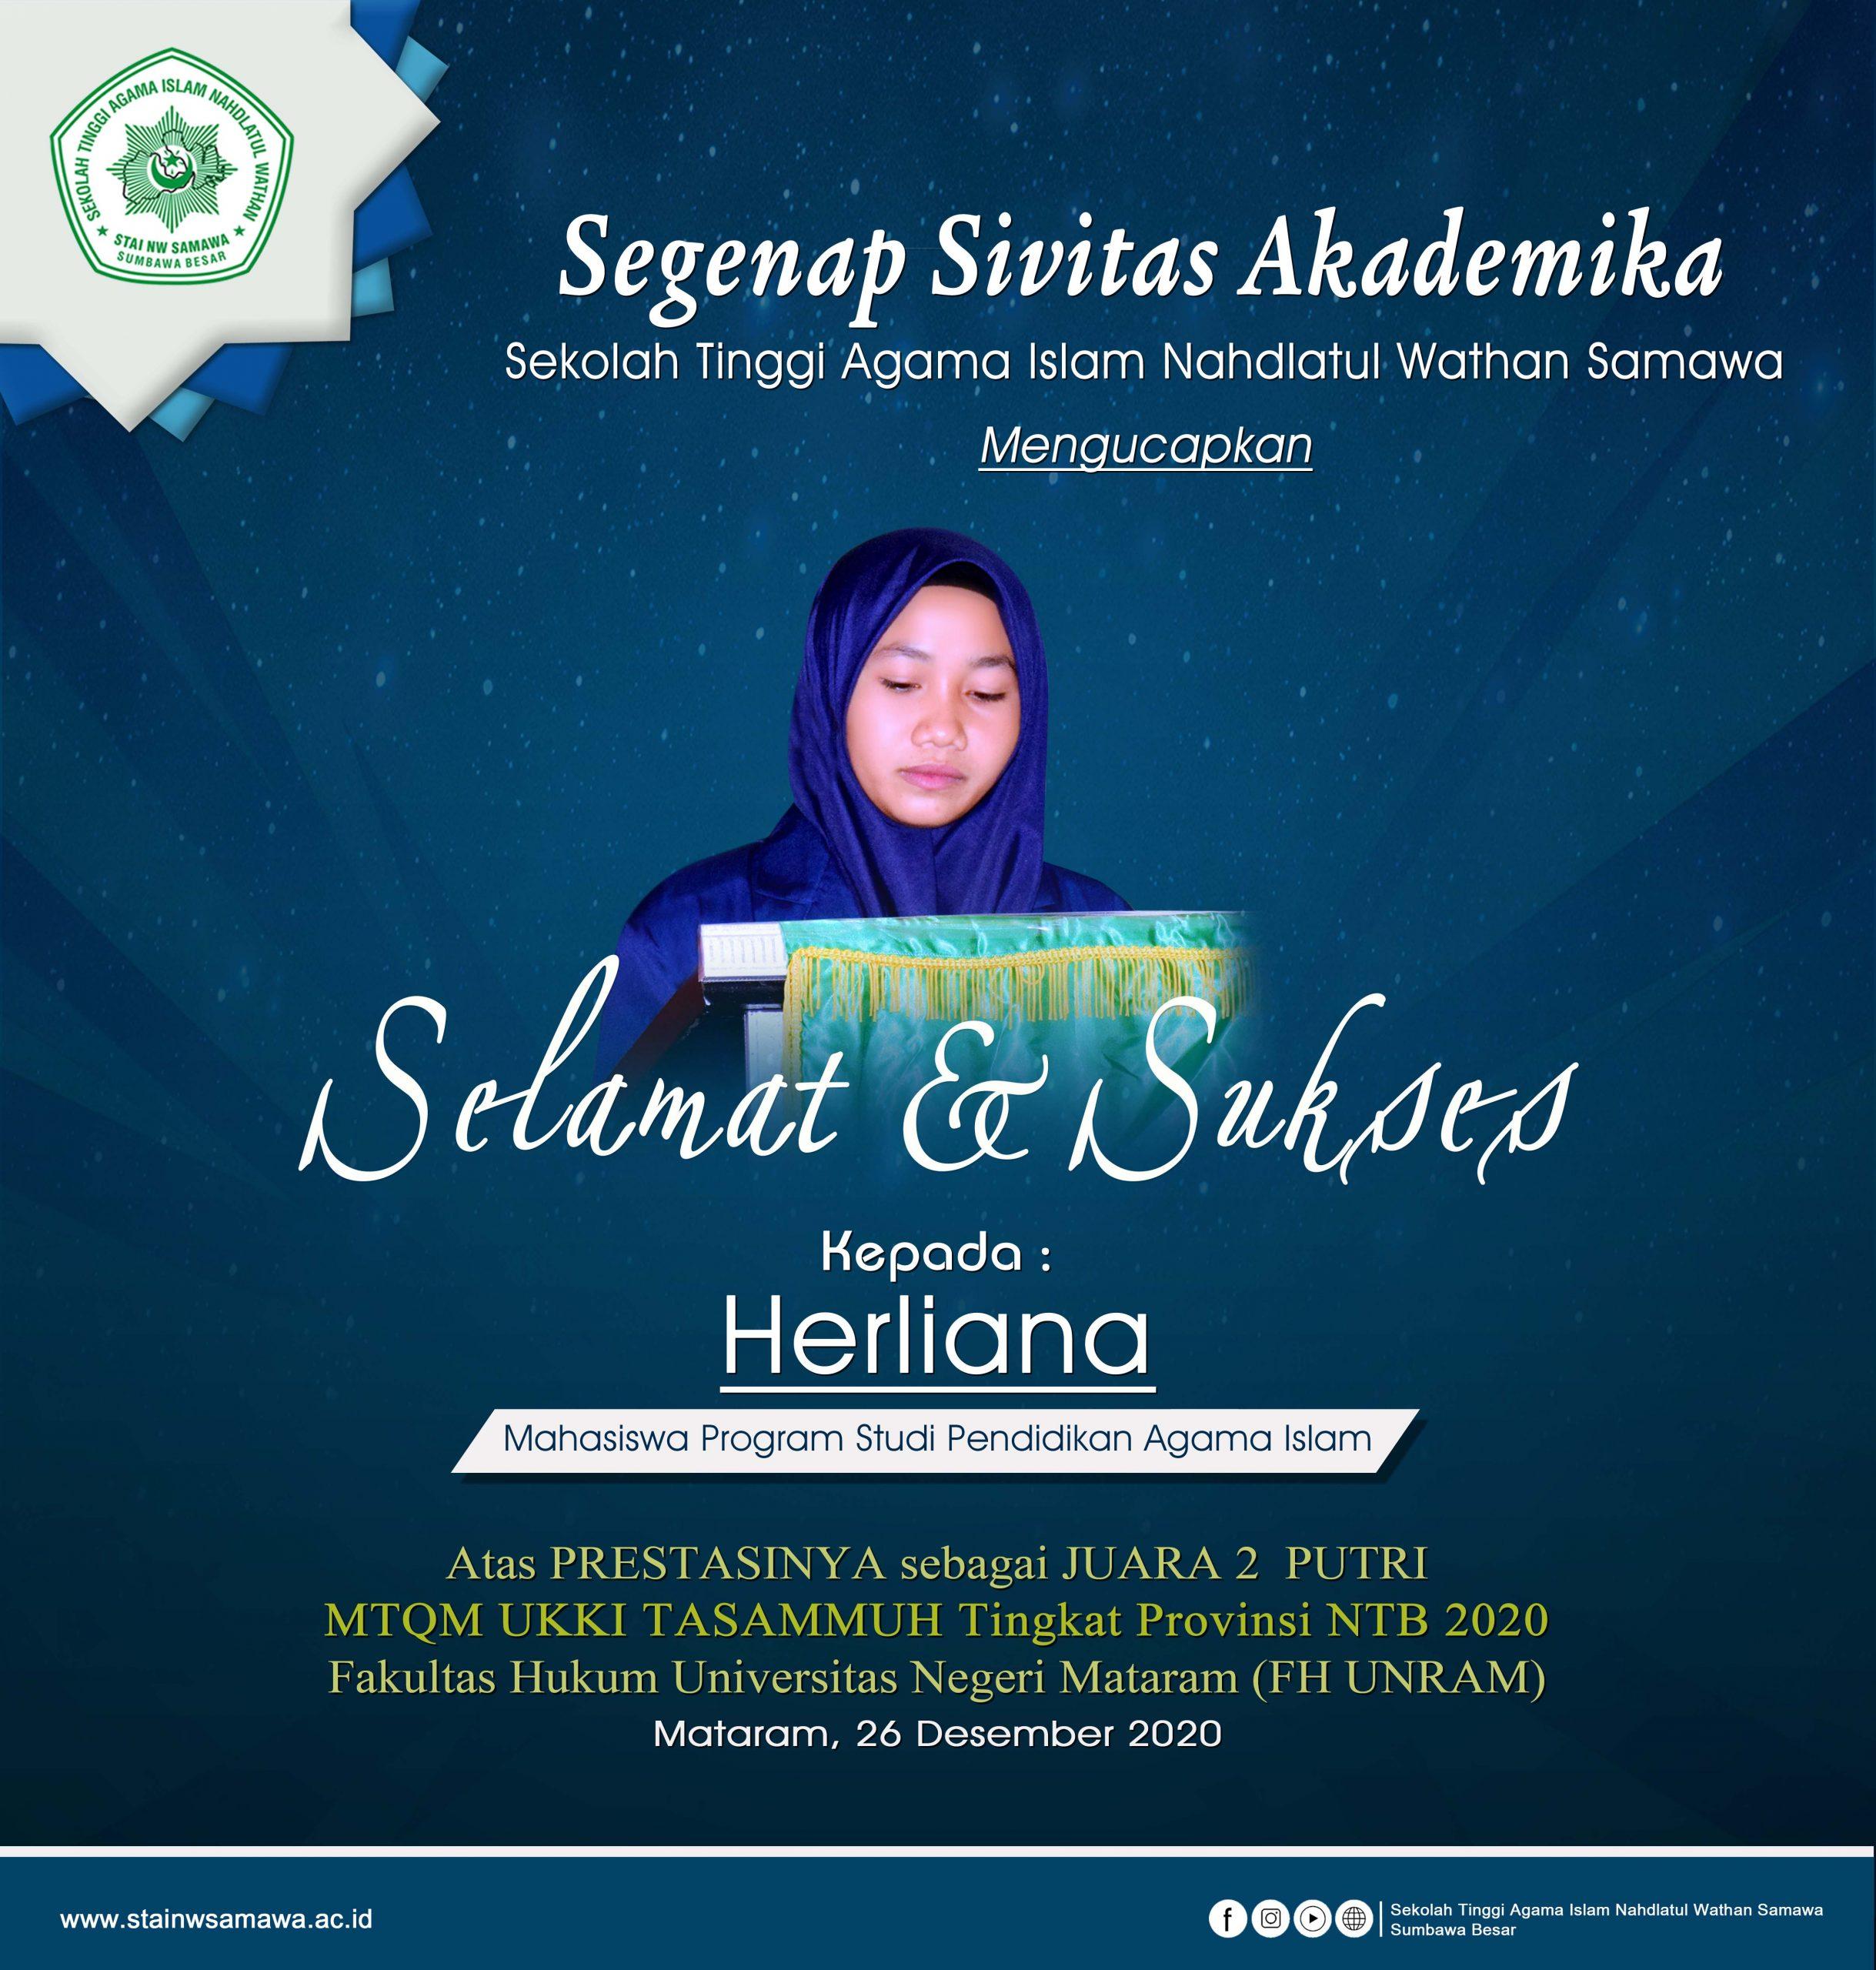 Selamat dan Sukses Kepada Saudari Herliana Mahasiswa Program Studi Pendidikan Agama Islam atas Prestasinya Sebagai Juara 2 Putri Lomba MTQM UKKI TASAMMUH Tingkat Provinsi NTB 2020 FH UNRAM